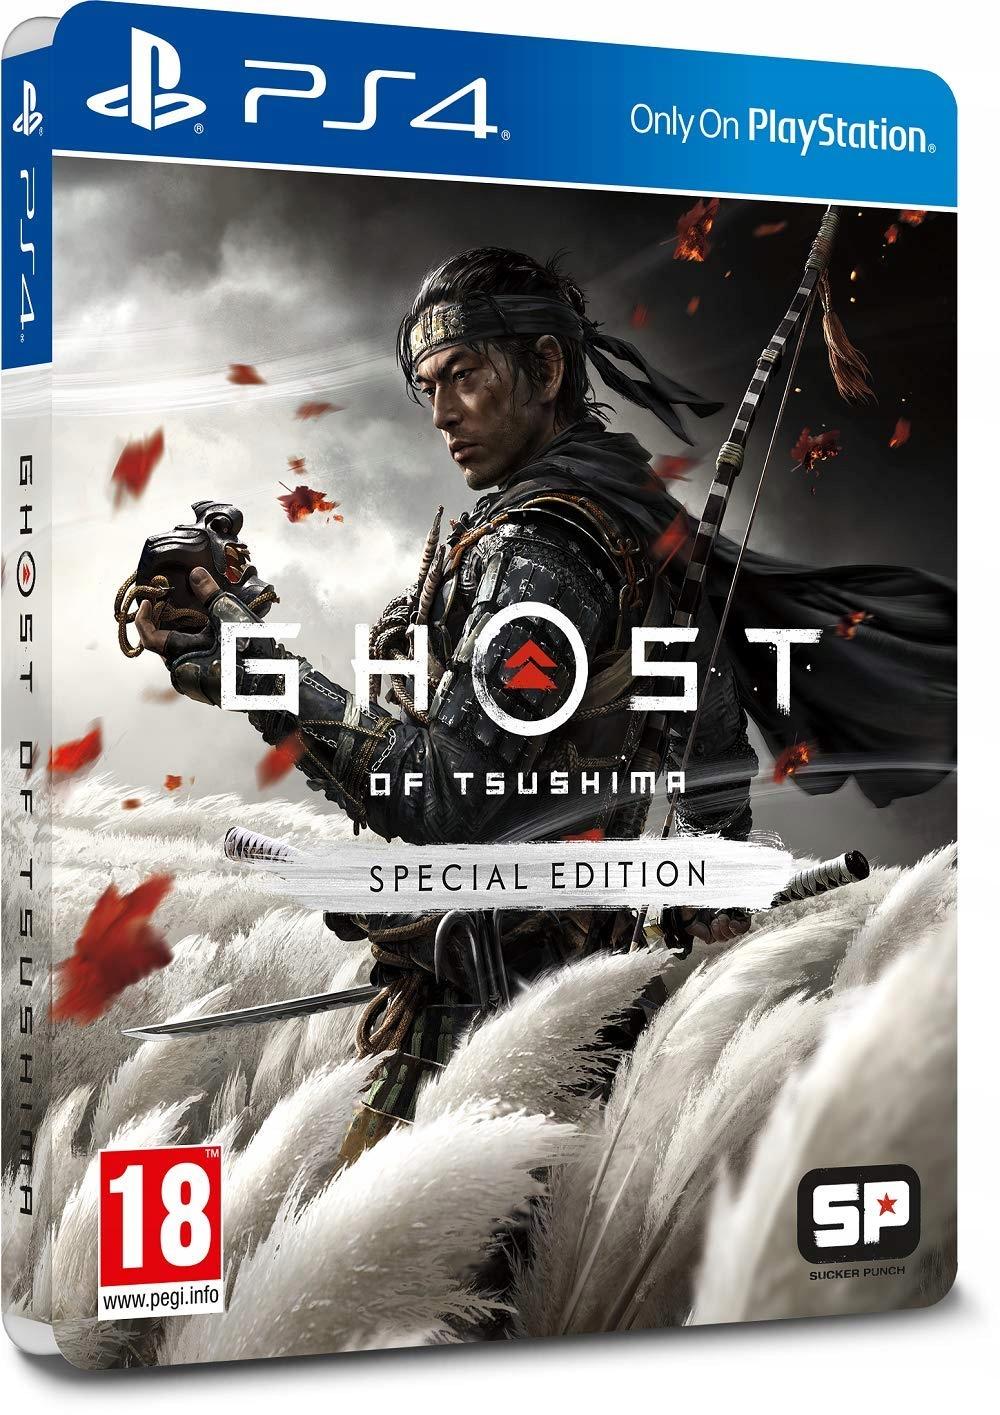 Ghost of Tsushima Edycja Specjalna PL PS4 Dubbing - 399 zł - Stan: nowy - 9049072959 - Allegro.pl